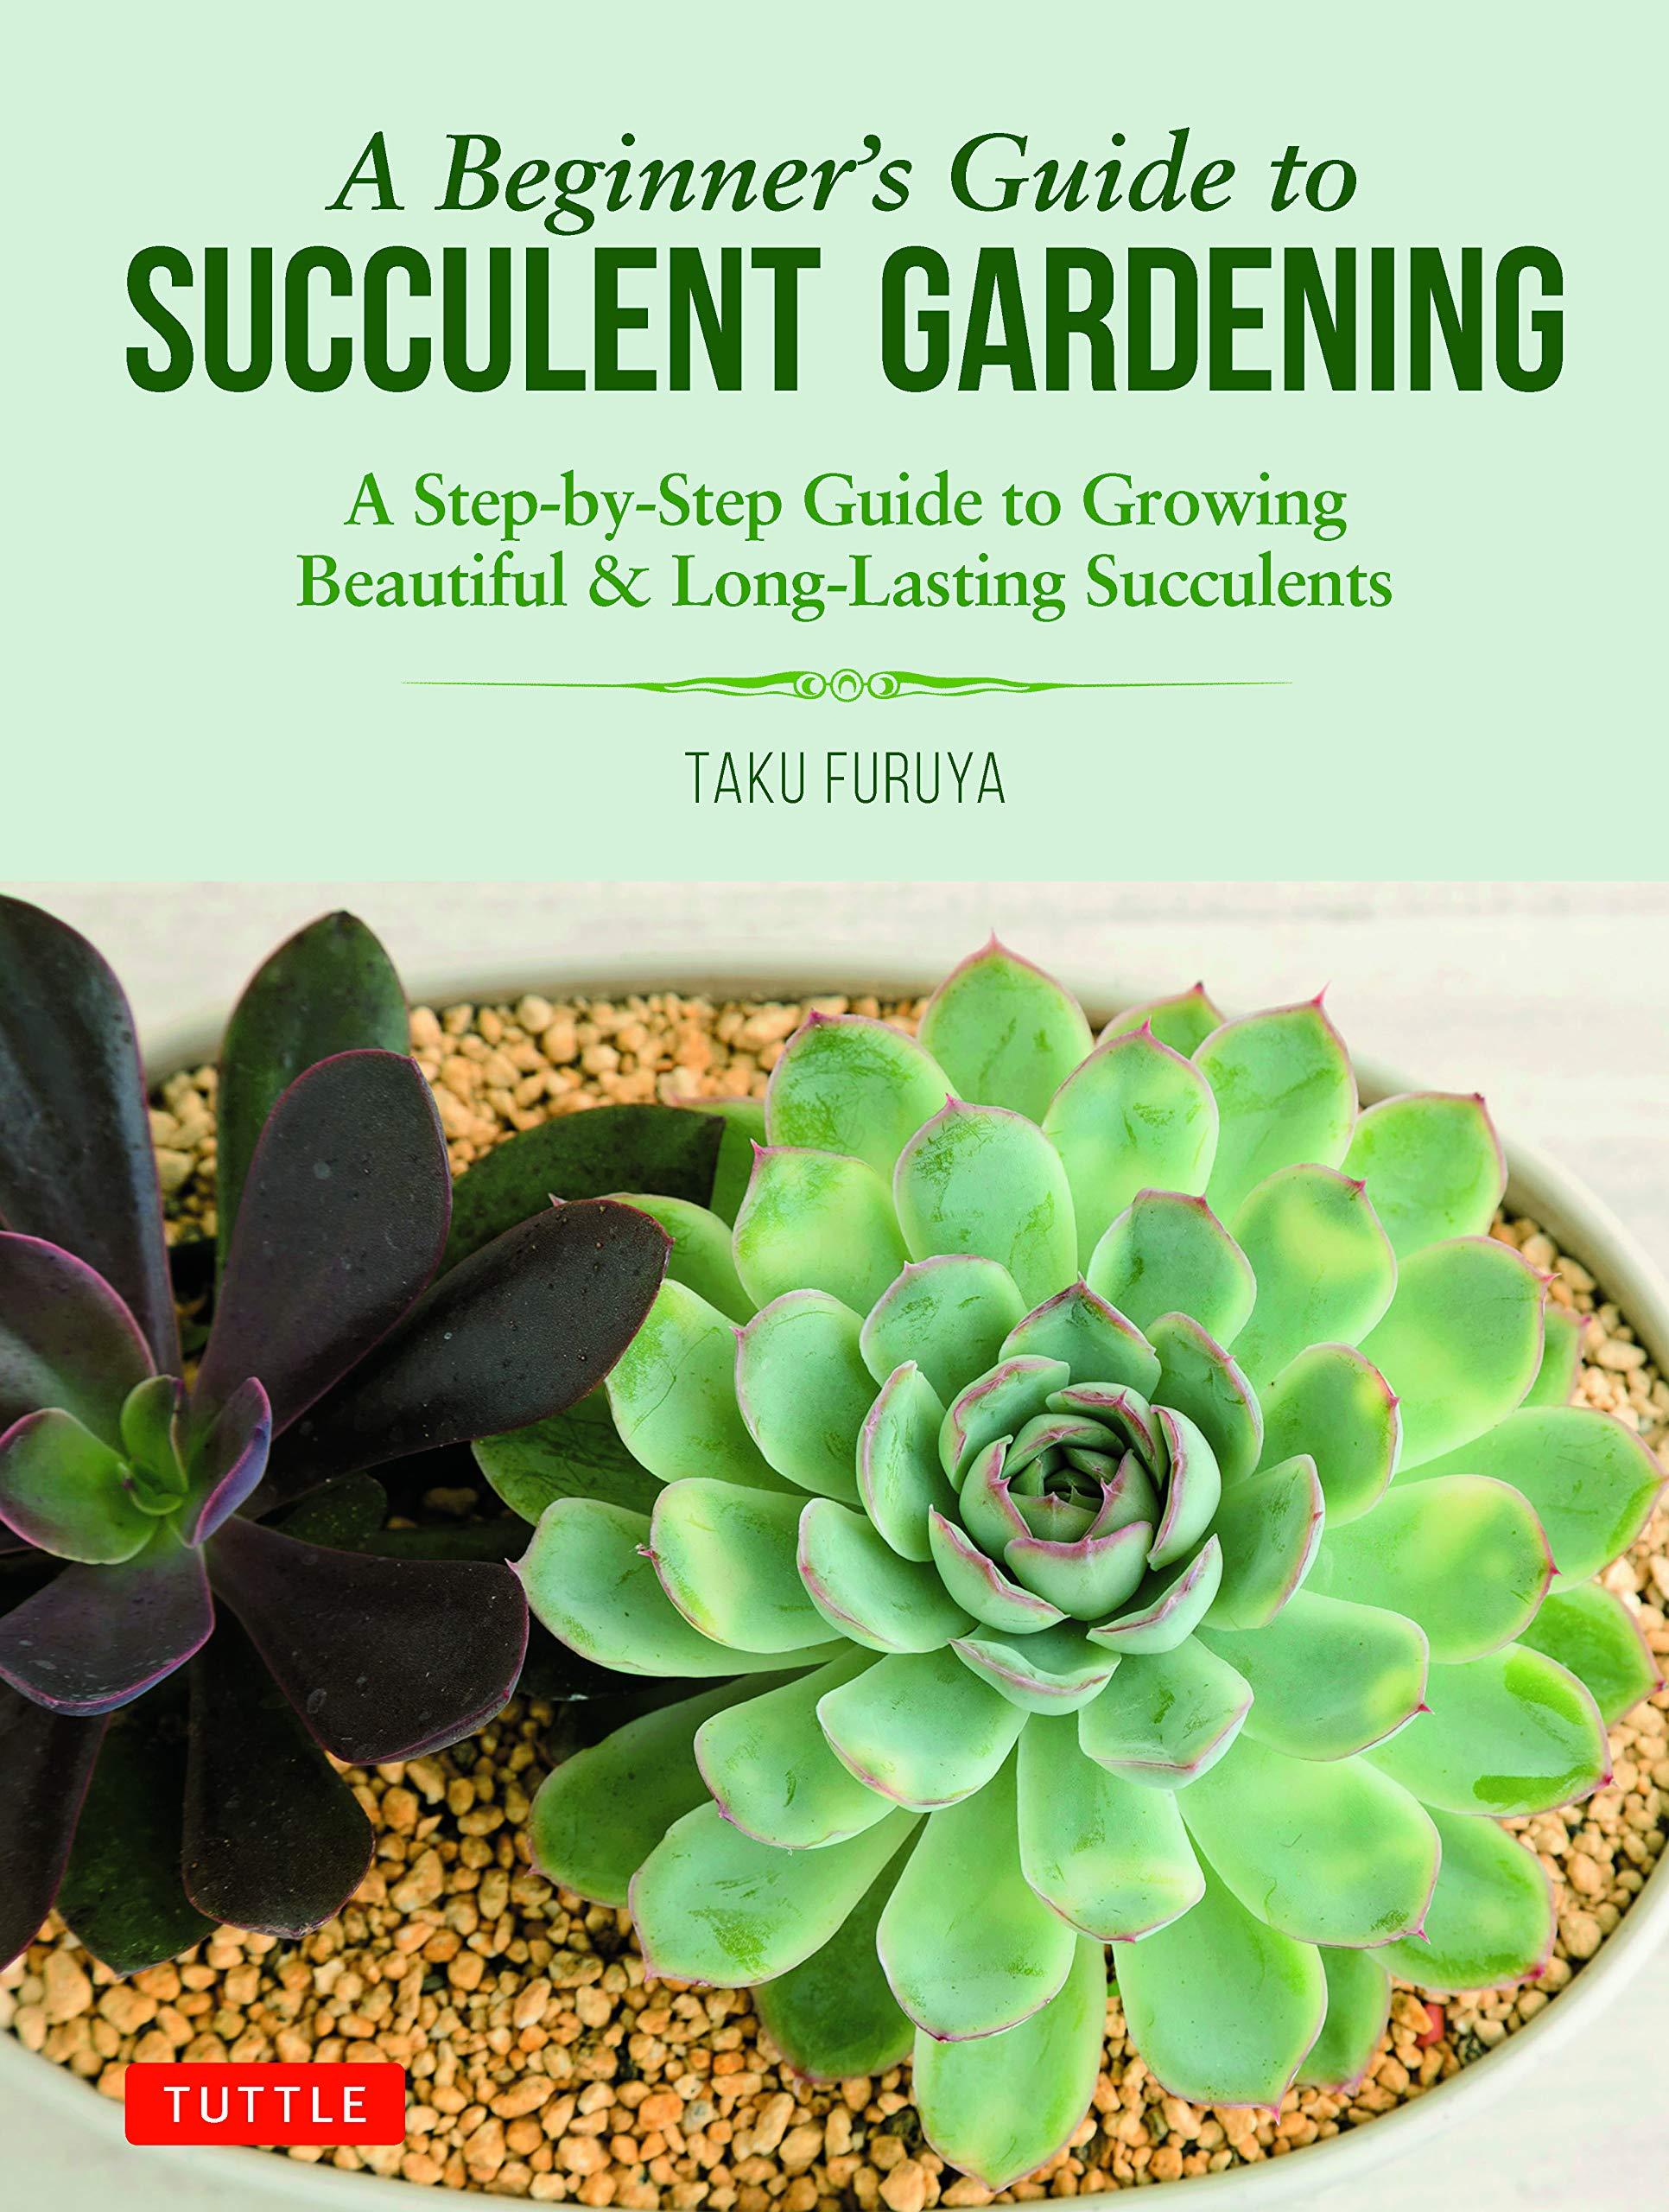 Succulent To Echeveria Guide 1000 Hybrid Succulent Bizarre Plant Book F//S